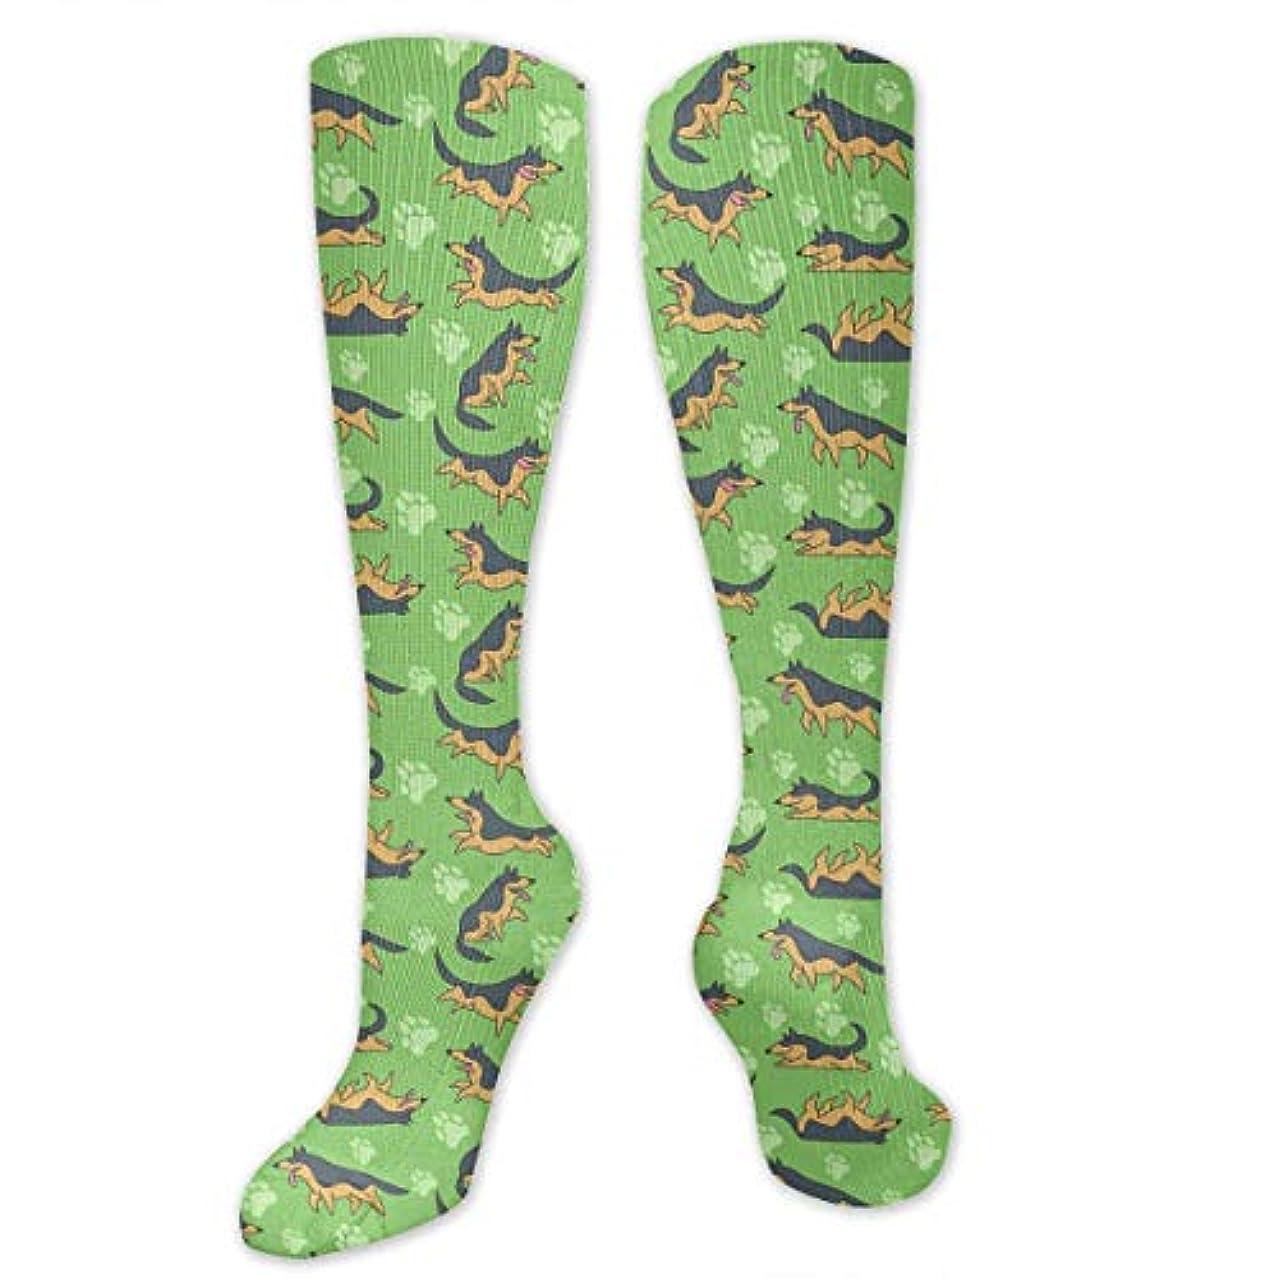 多年生絶滅させるレベル靴下,ストッキング,野生のジョーカー,実際,秋の本質,冬必須,サマーウェア&RBXAA Women's Winter Cotton Long Tube Socks Knee High Graduated Compression...